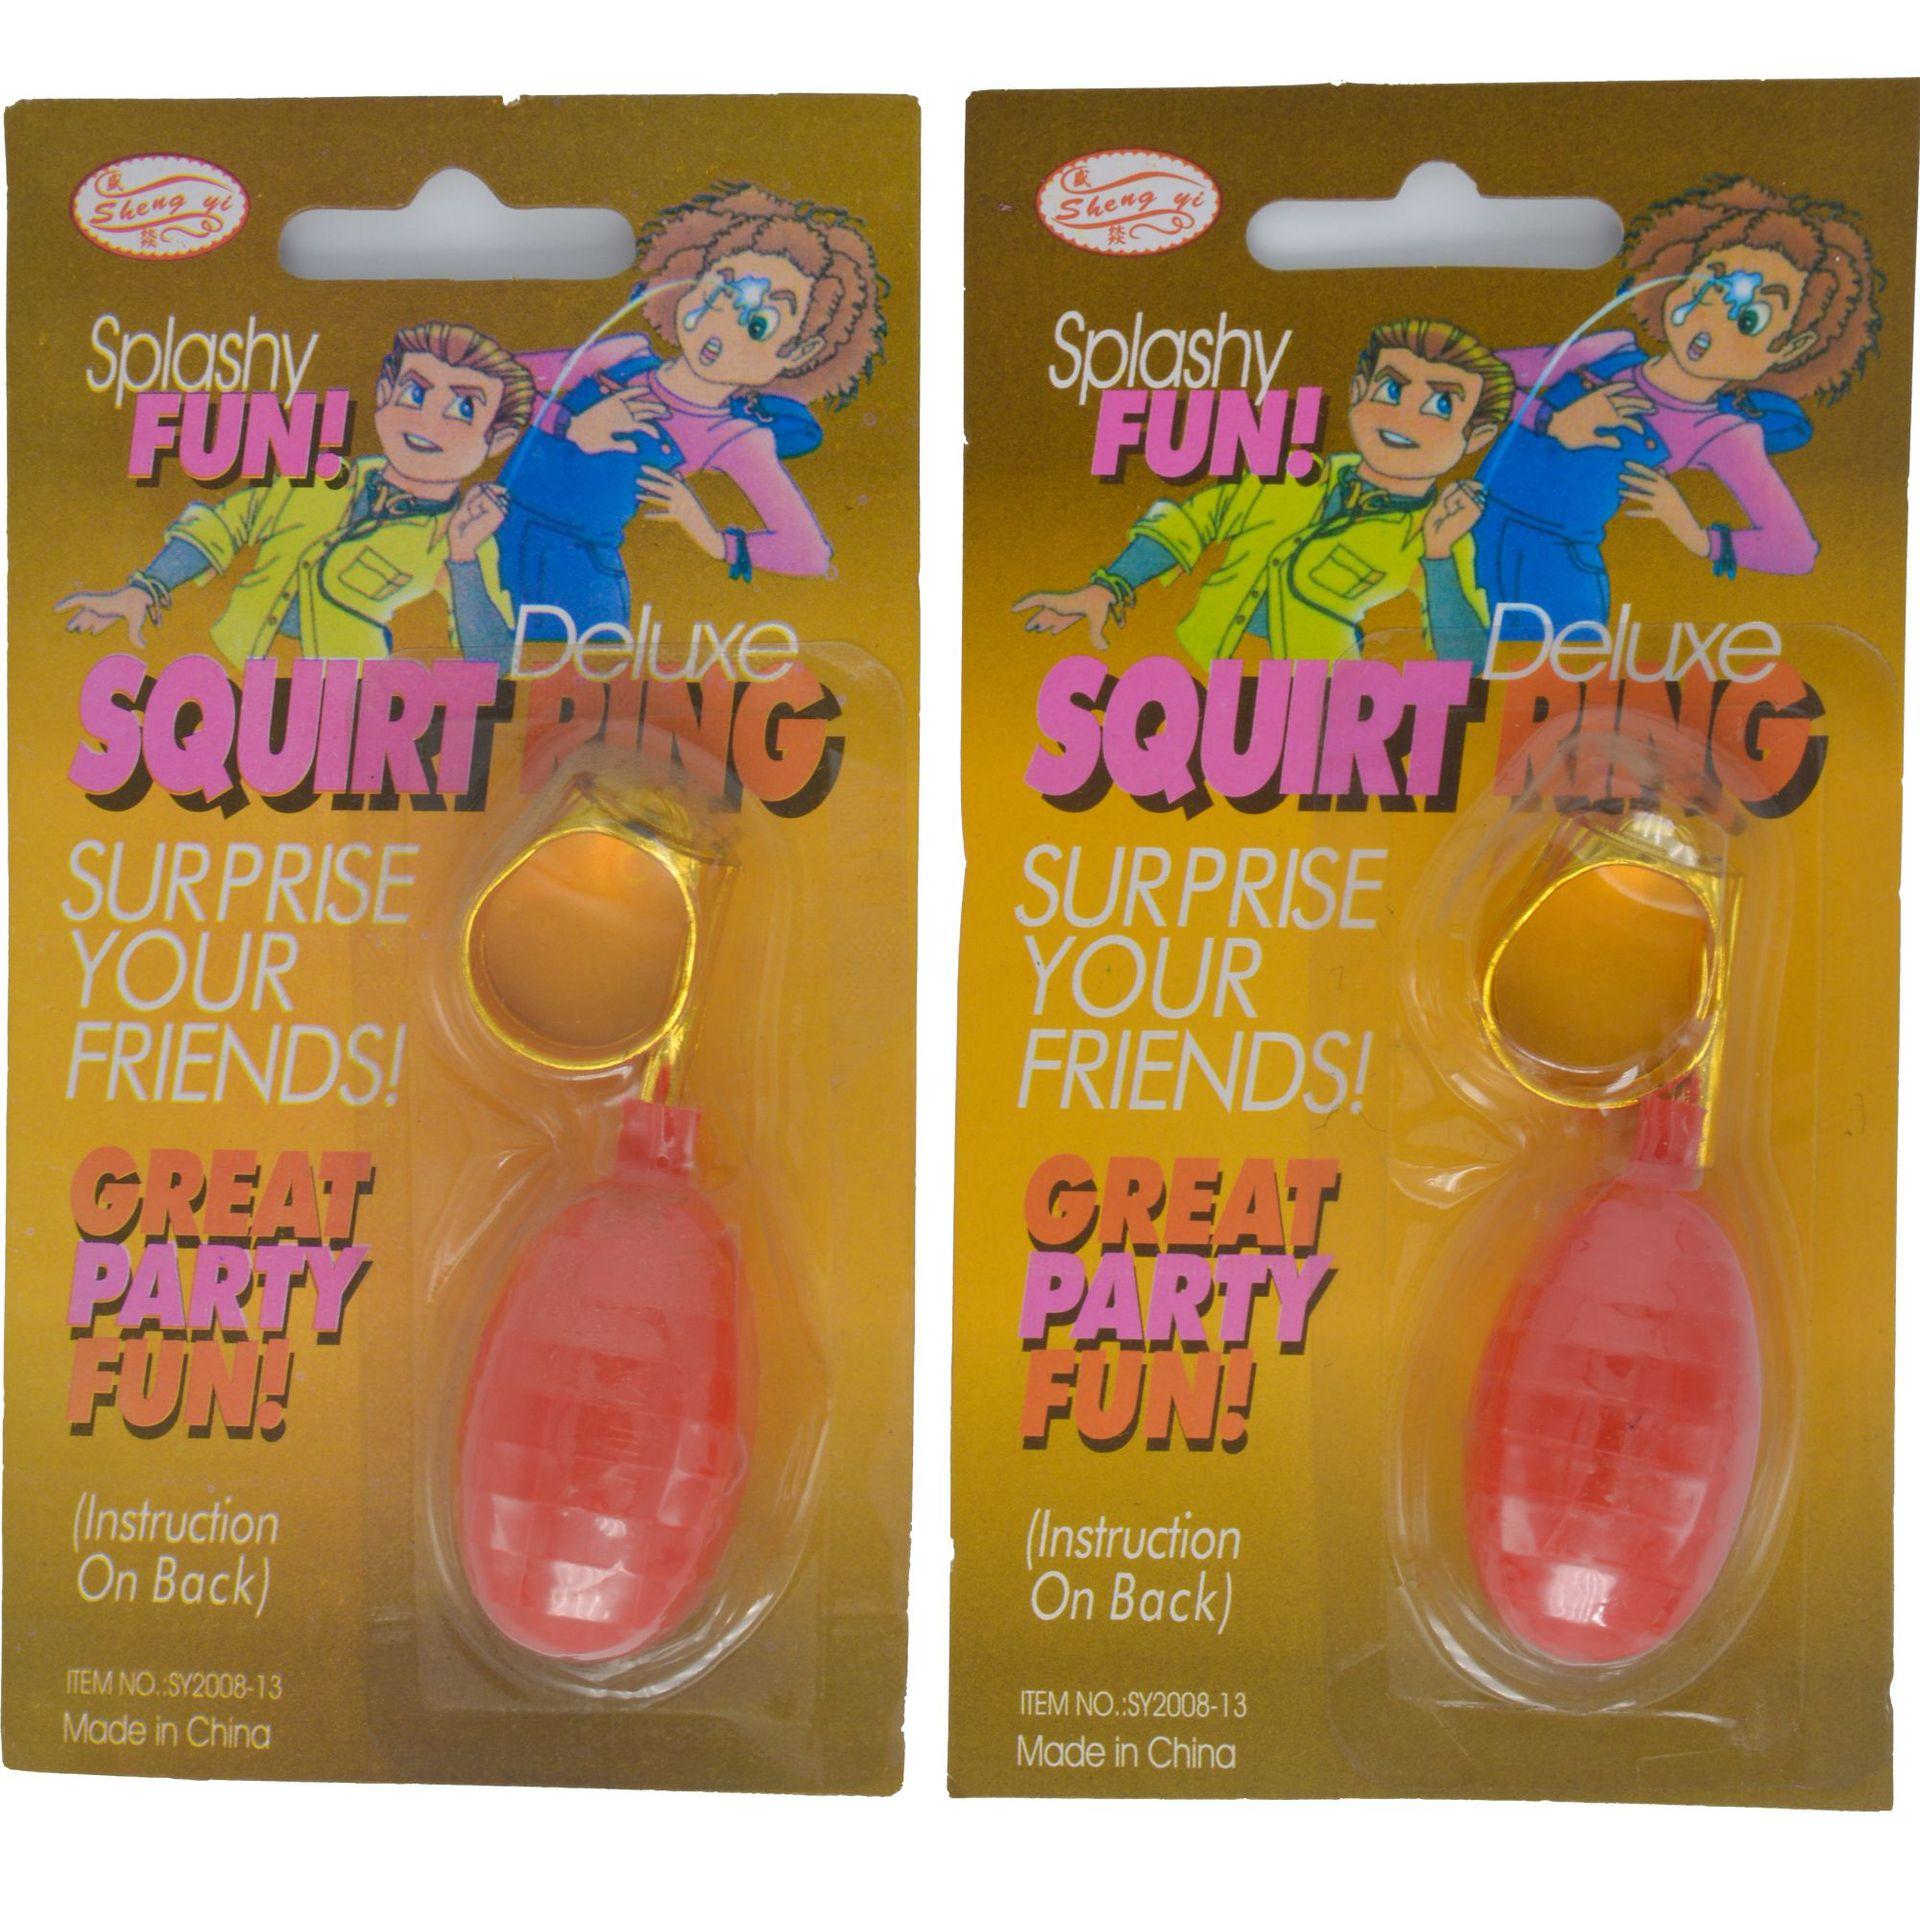 Воды распылительное кольцо шутки кольцо трюковое кольцо игрушки Многоцветный шутки Вечерние развлечения реалистичная модель спасательного круга Декор Игрушка Игрушки